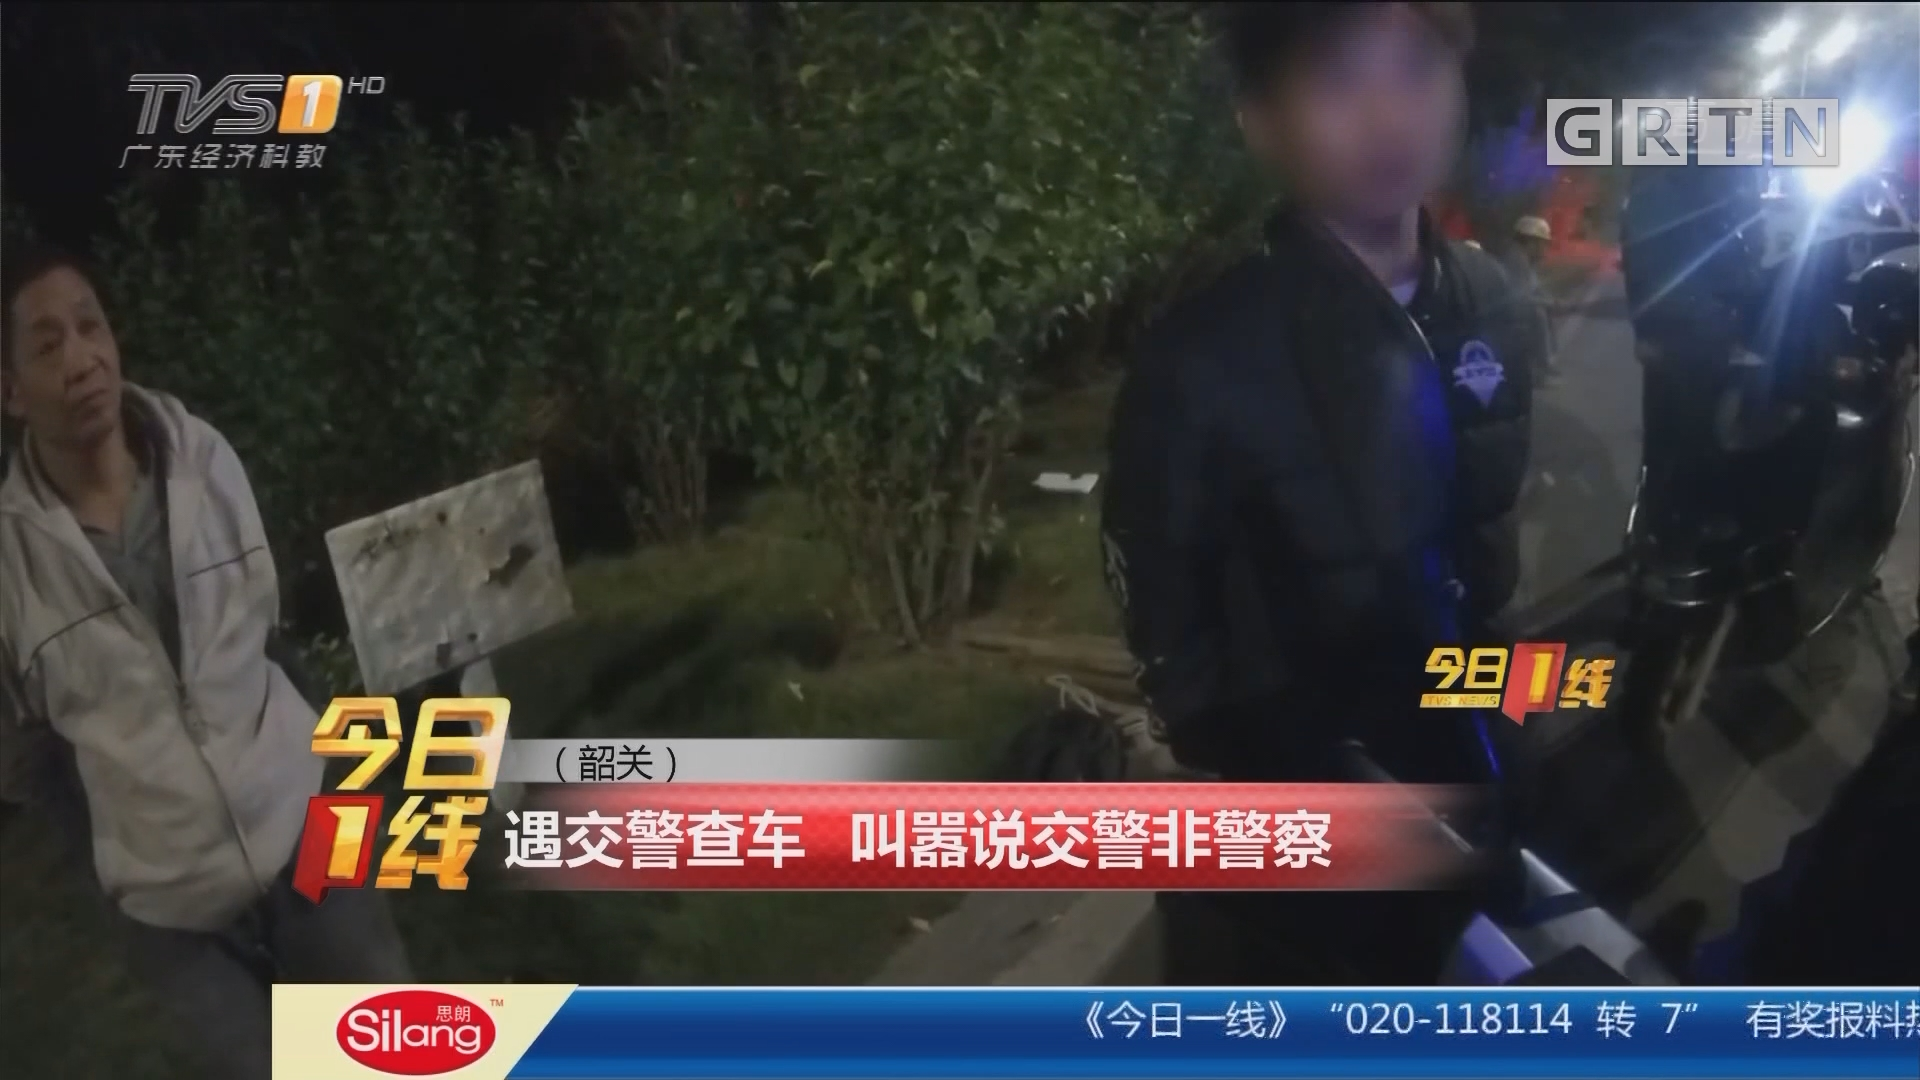 (韶关) 遇交警查车 叫嚣说交警非警察